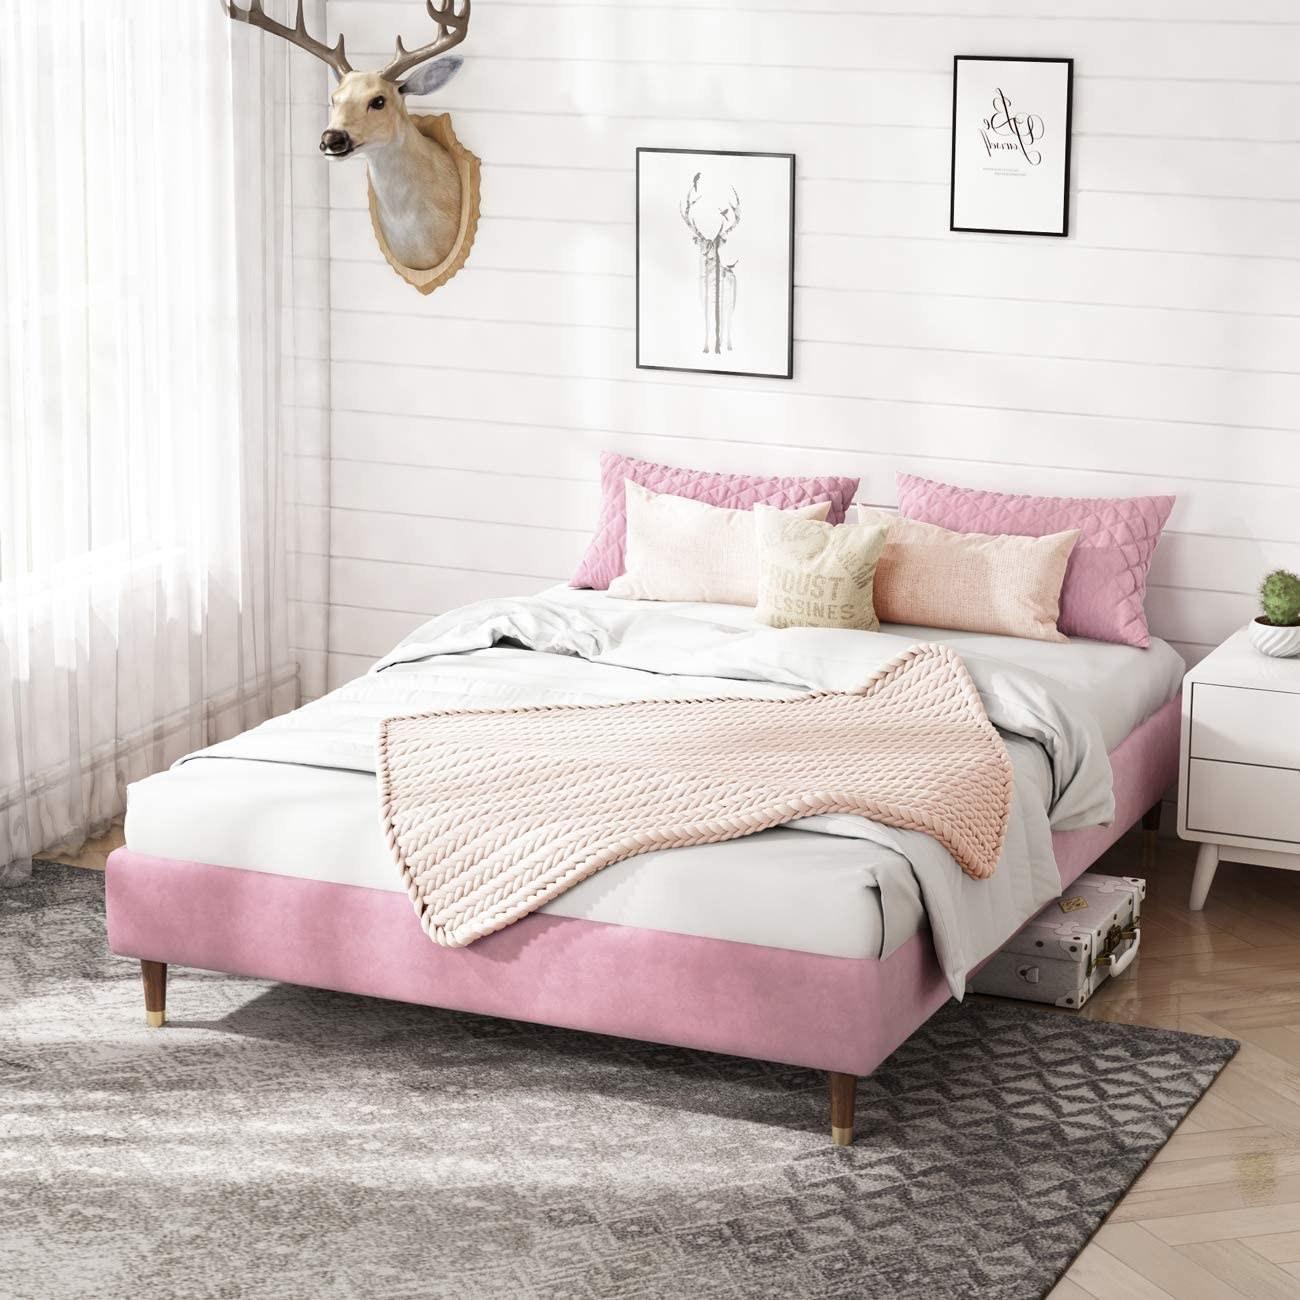 the pink velvet bed